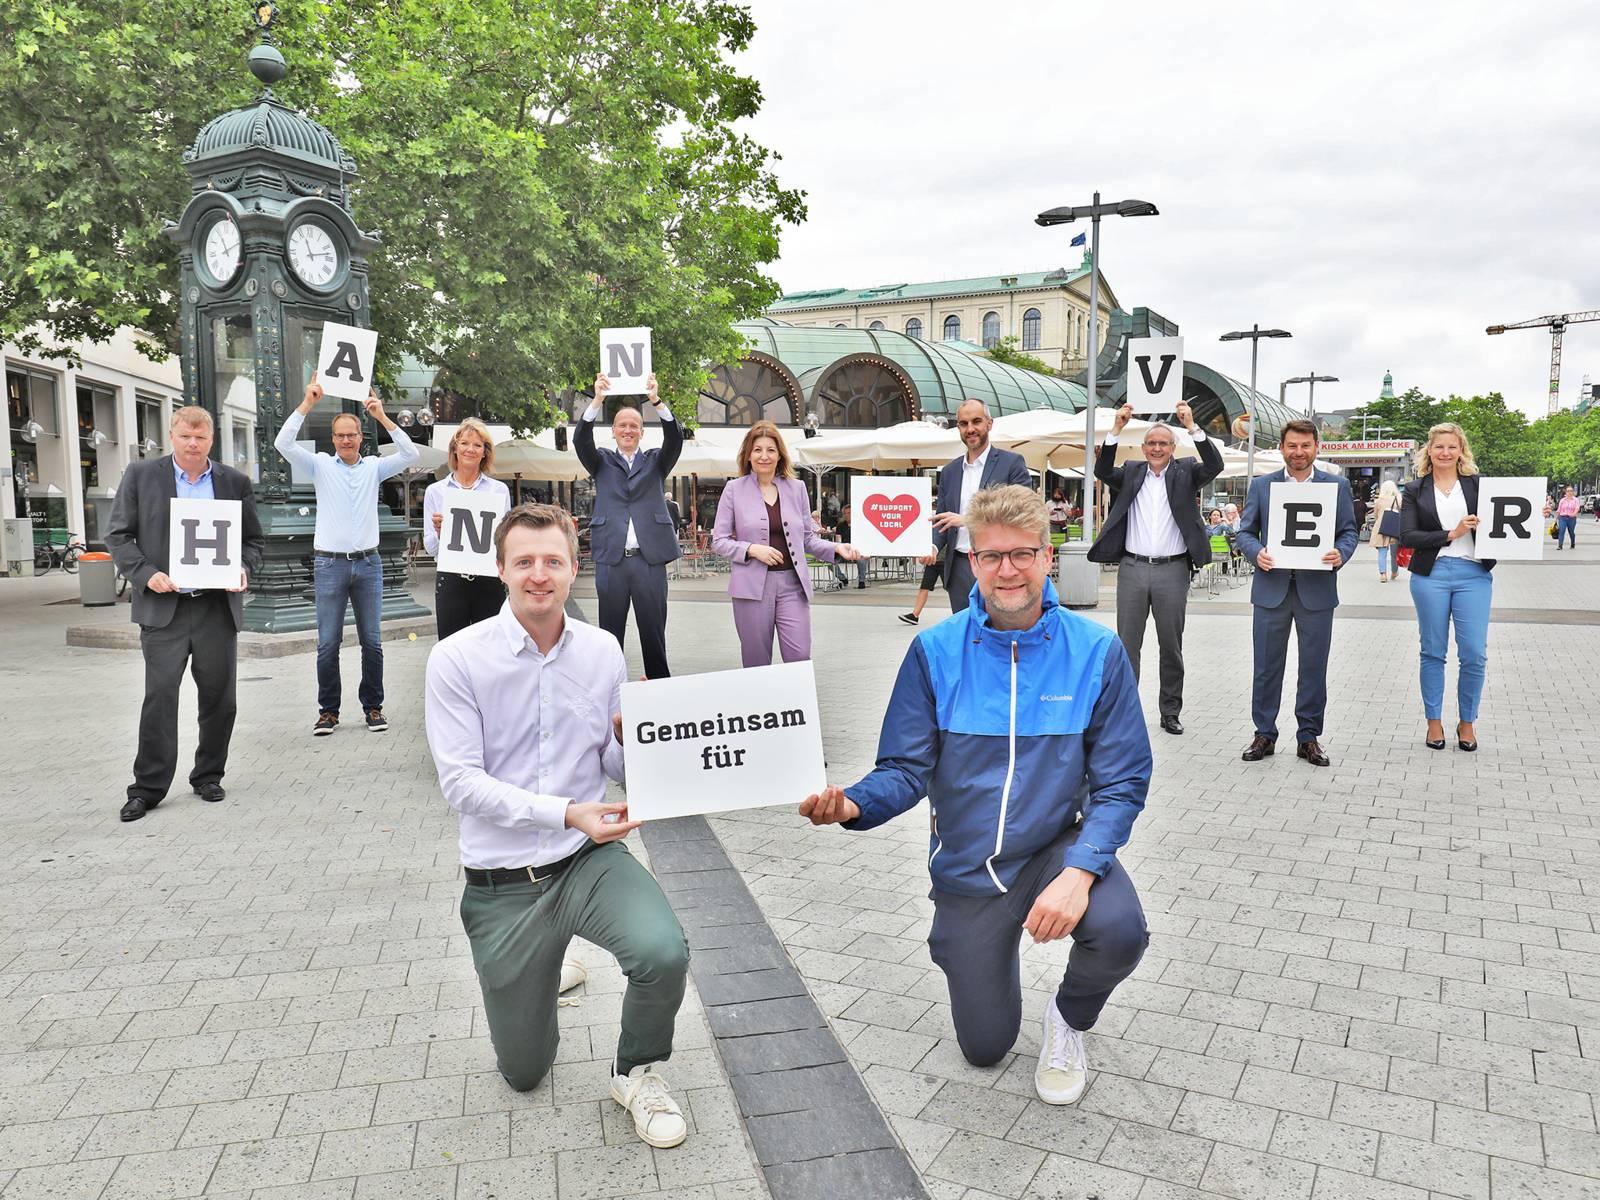 """Elf Personen stehen auf einem Platz und bilden mit Schildern den Schriftzug """"Gemeinsam für Hannover"""""""